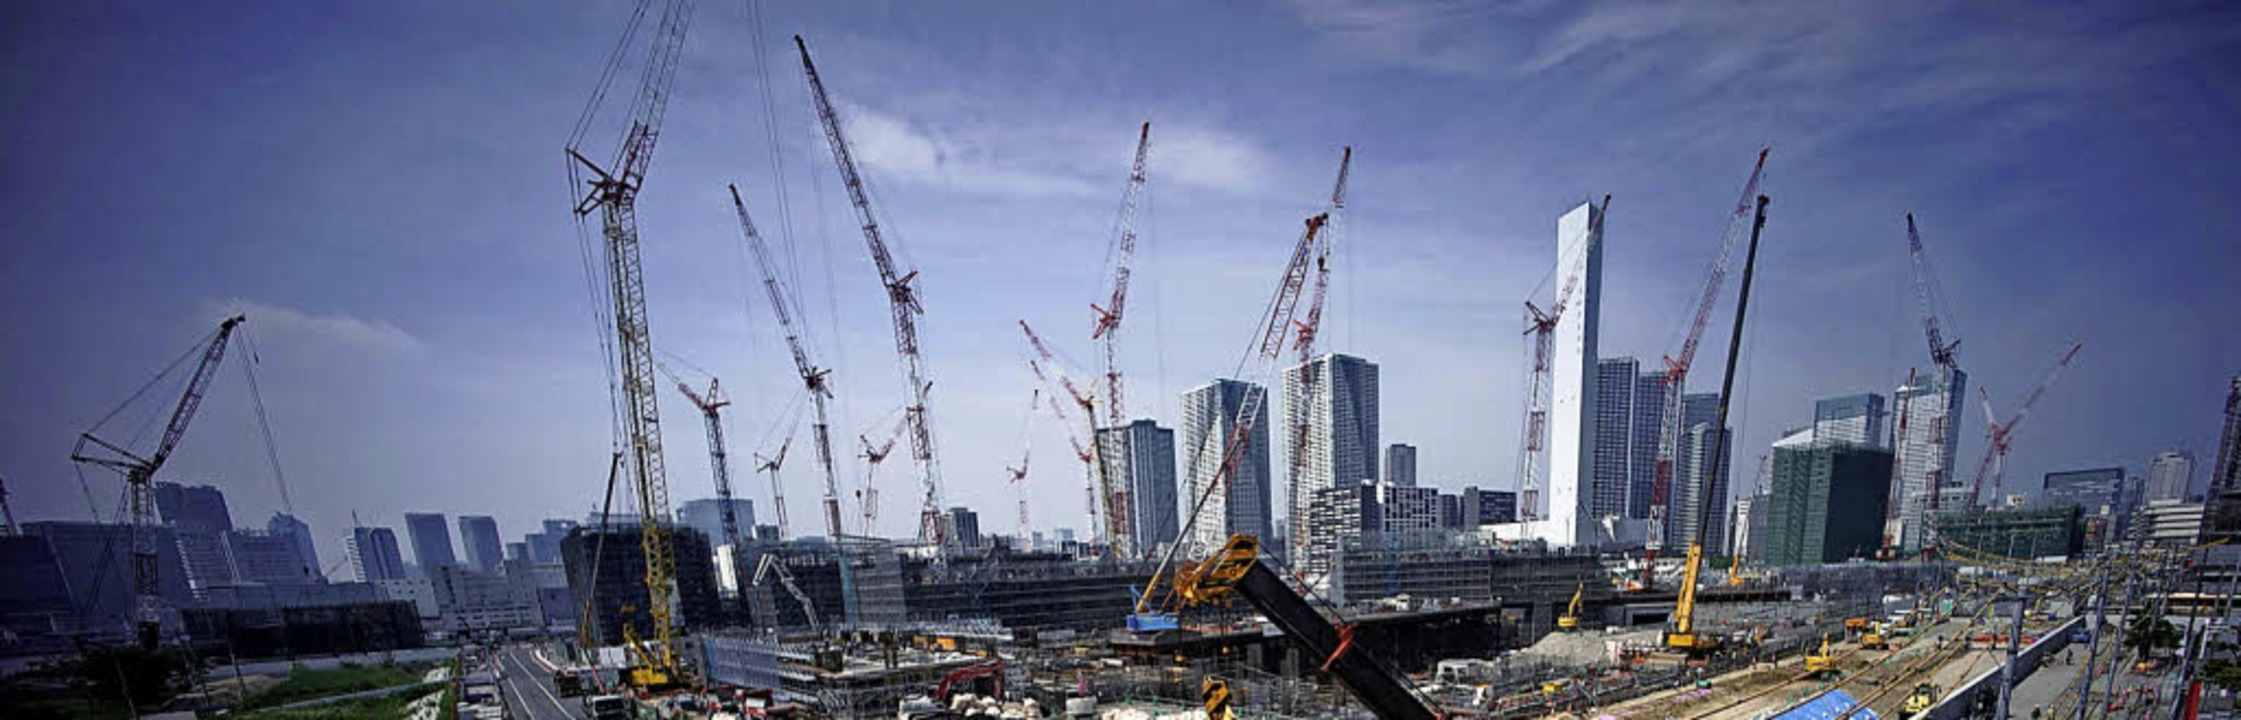 Die Bauarbeiten für die Sommerspiele 2020 sind in vollem Gange.   | Foto: AFP